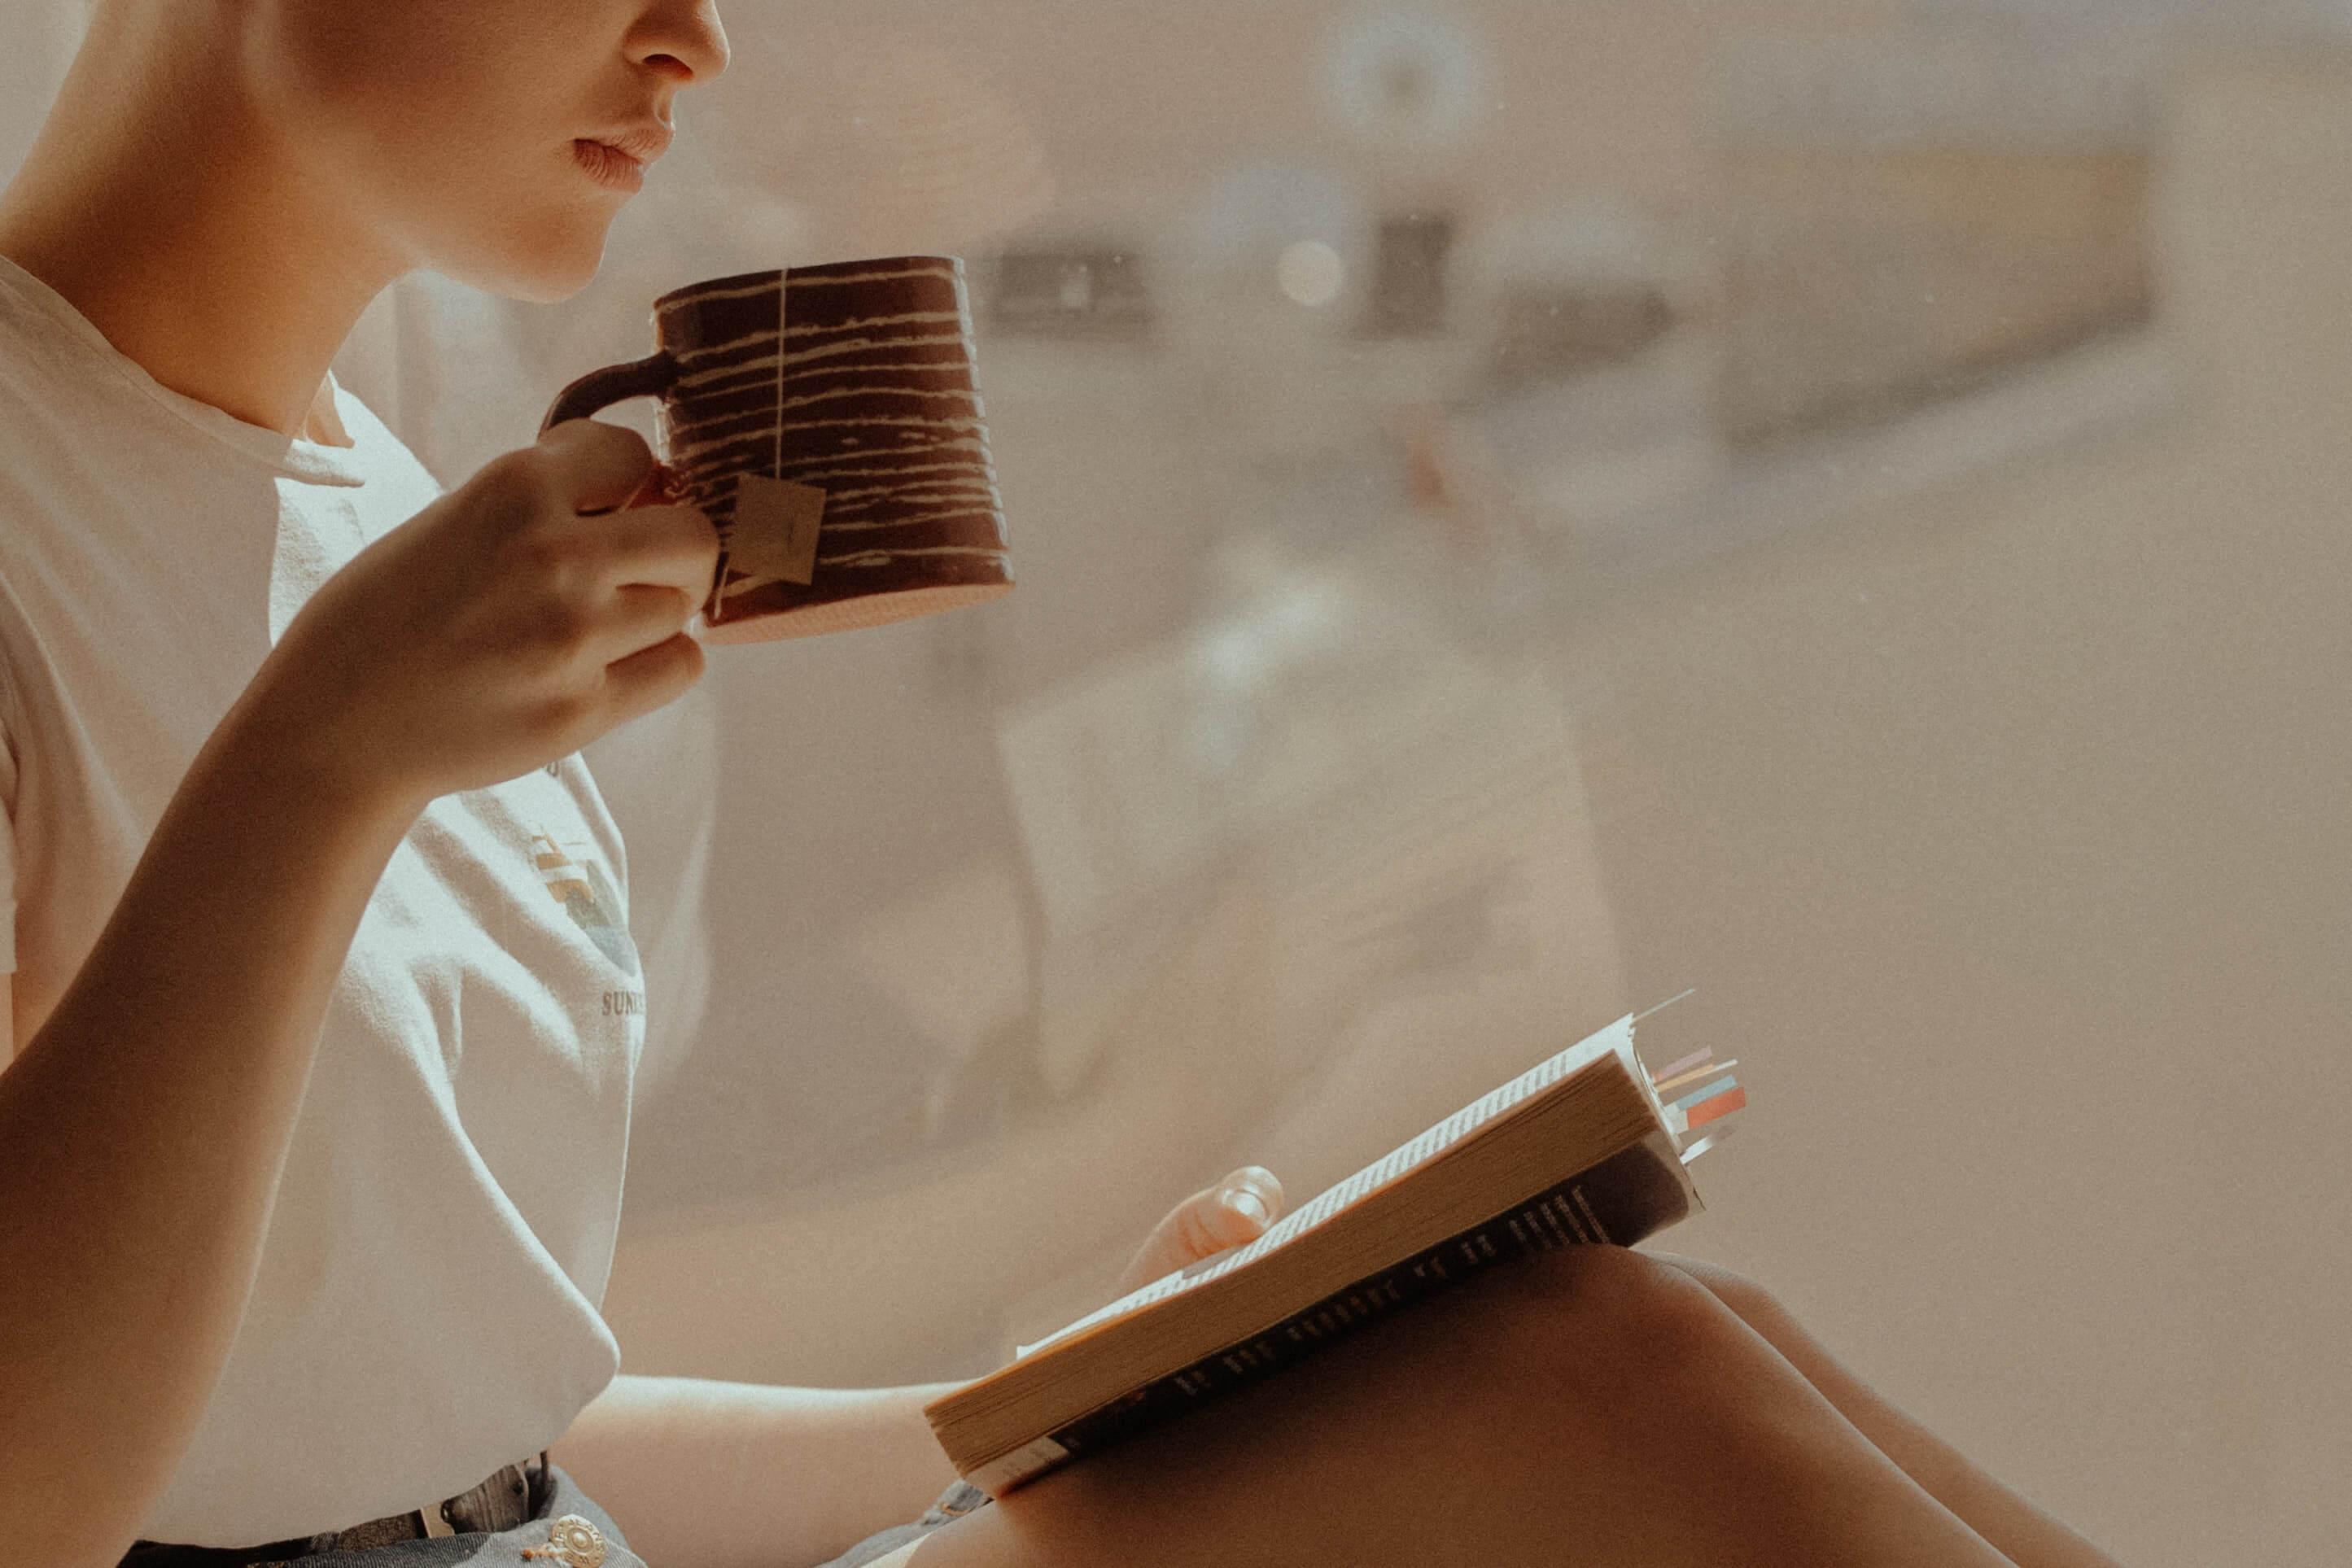 Kako stvoriti najbolju naviku ikad: Savjeti koji 'olakšavaju' čitanje